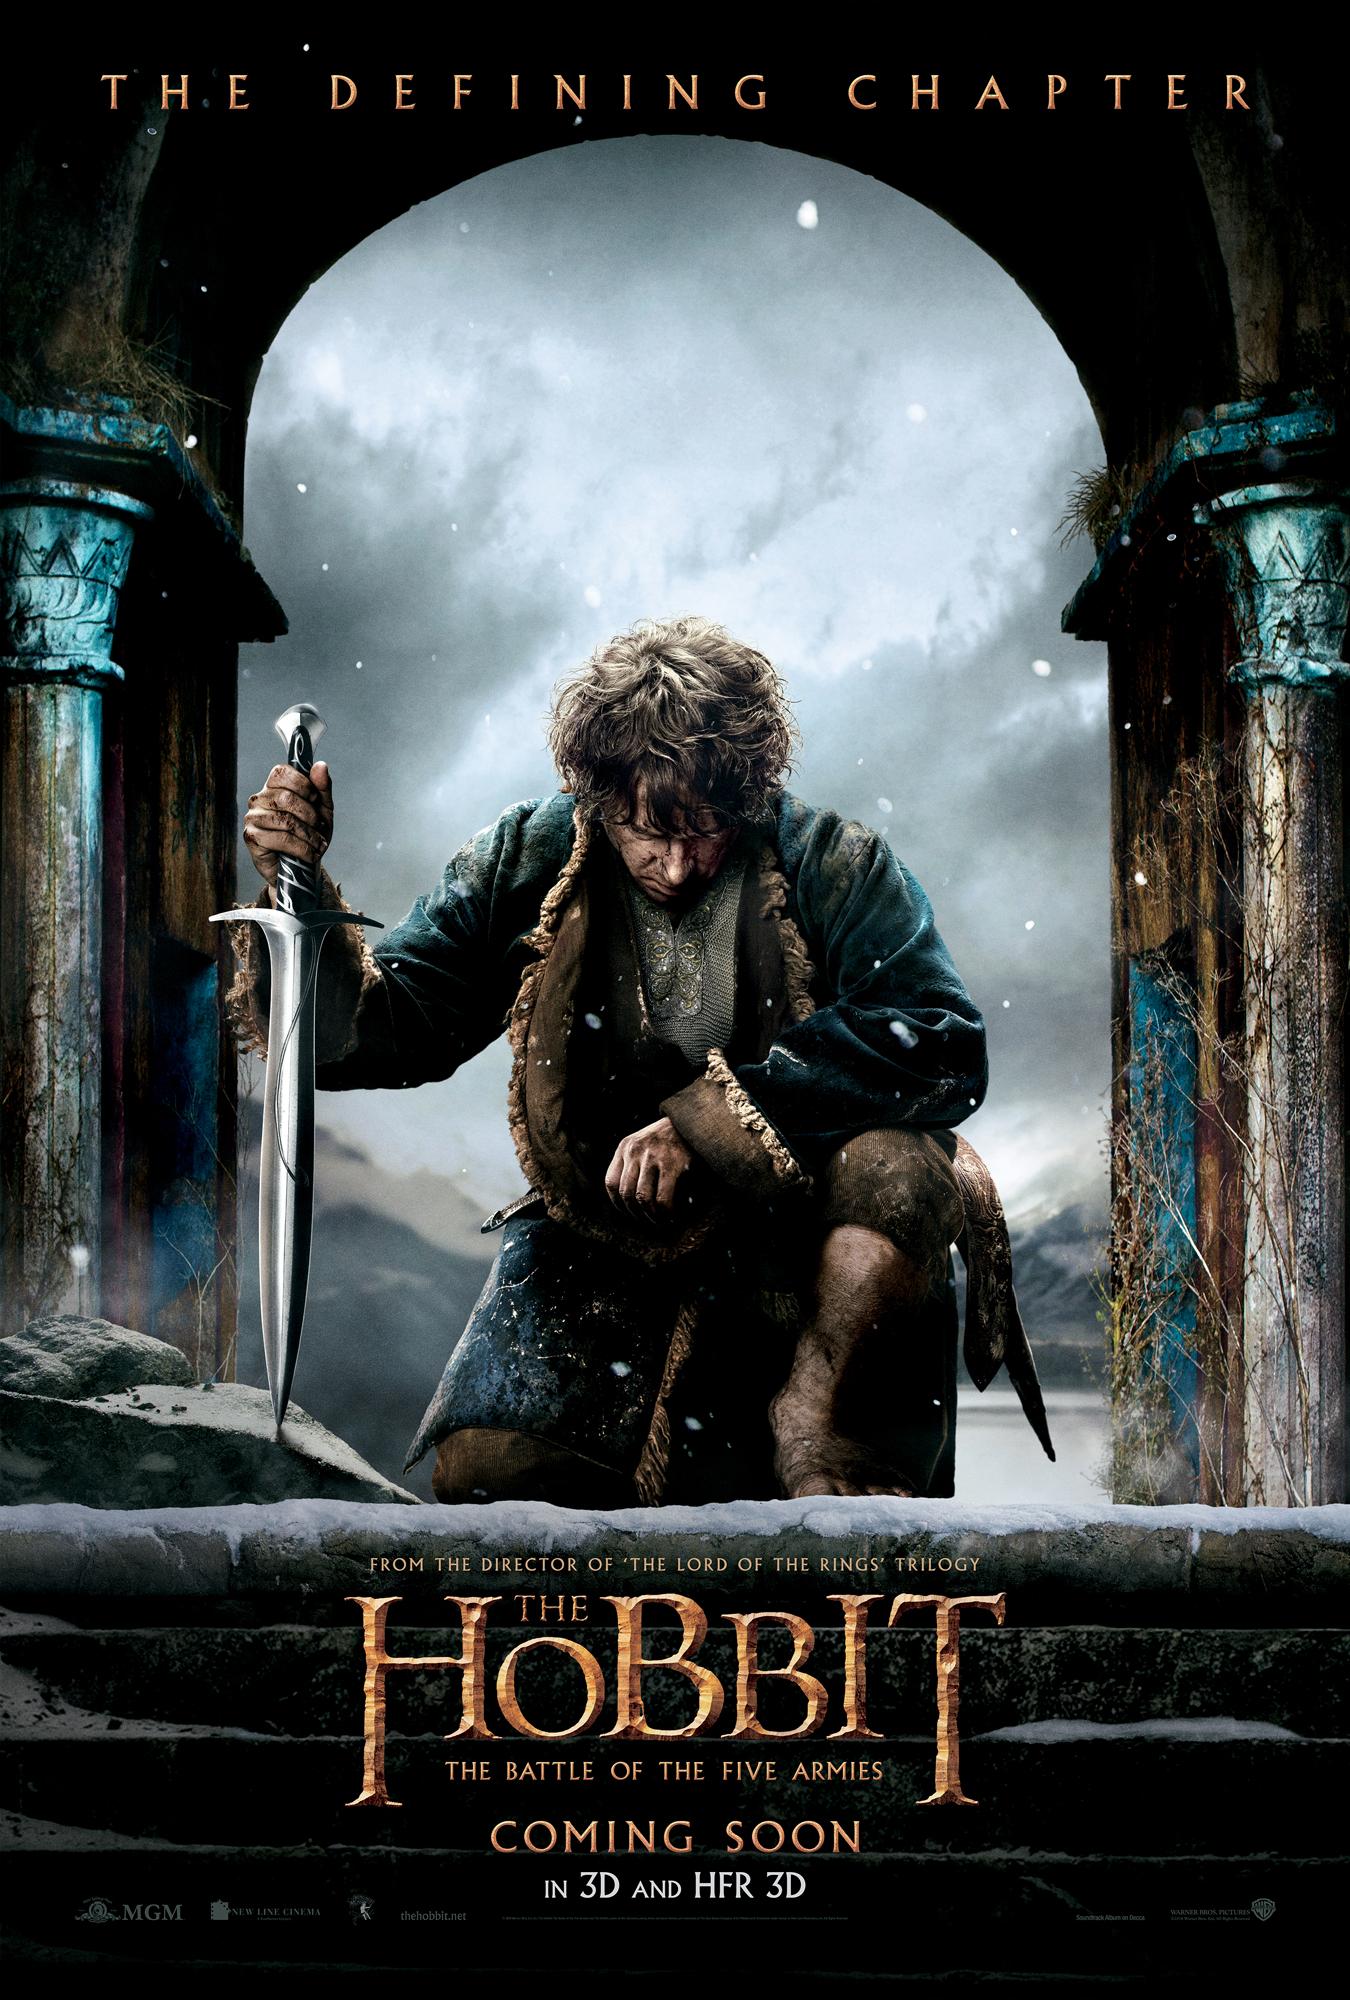 Le Seigneur des Anneaux / The Hobbit #3 - Page 5 HBFA_1Sht_Tsr_INTL_RGB_2764x4096